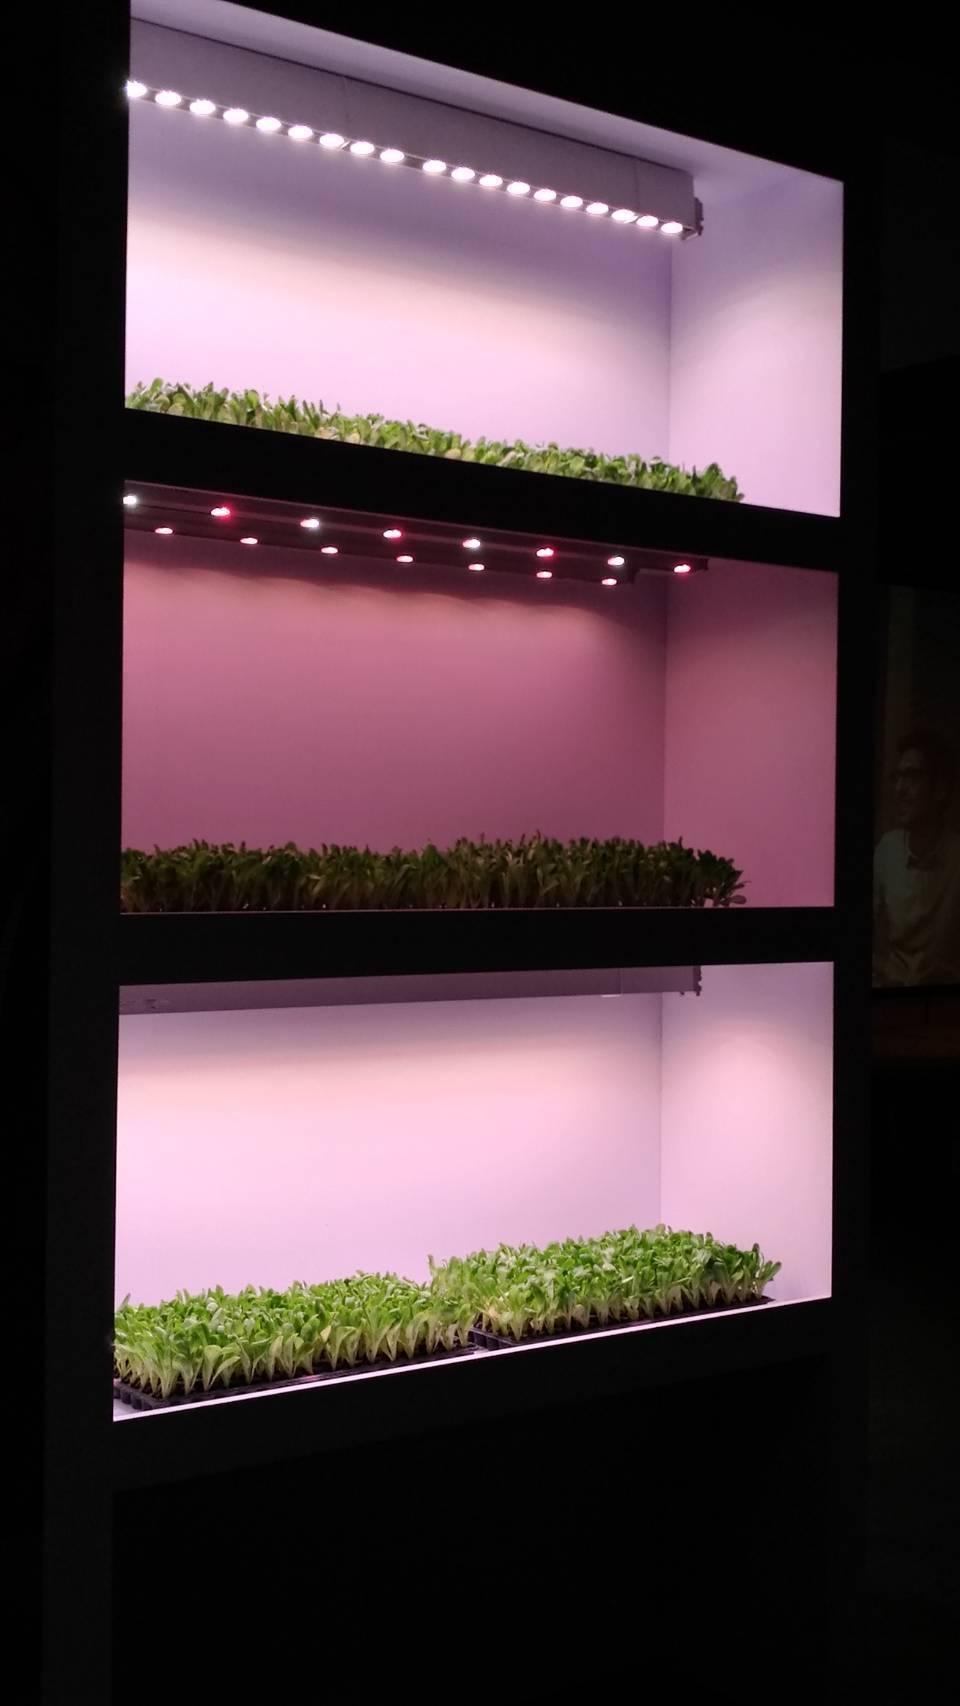 全球照明龍頭大廠的昕諾飛表示,植物照明為種植者量身訂做光配方。記者張義宮/攝影